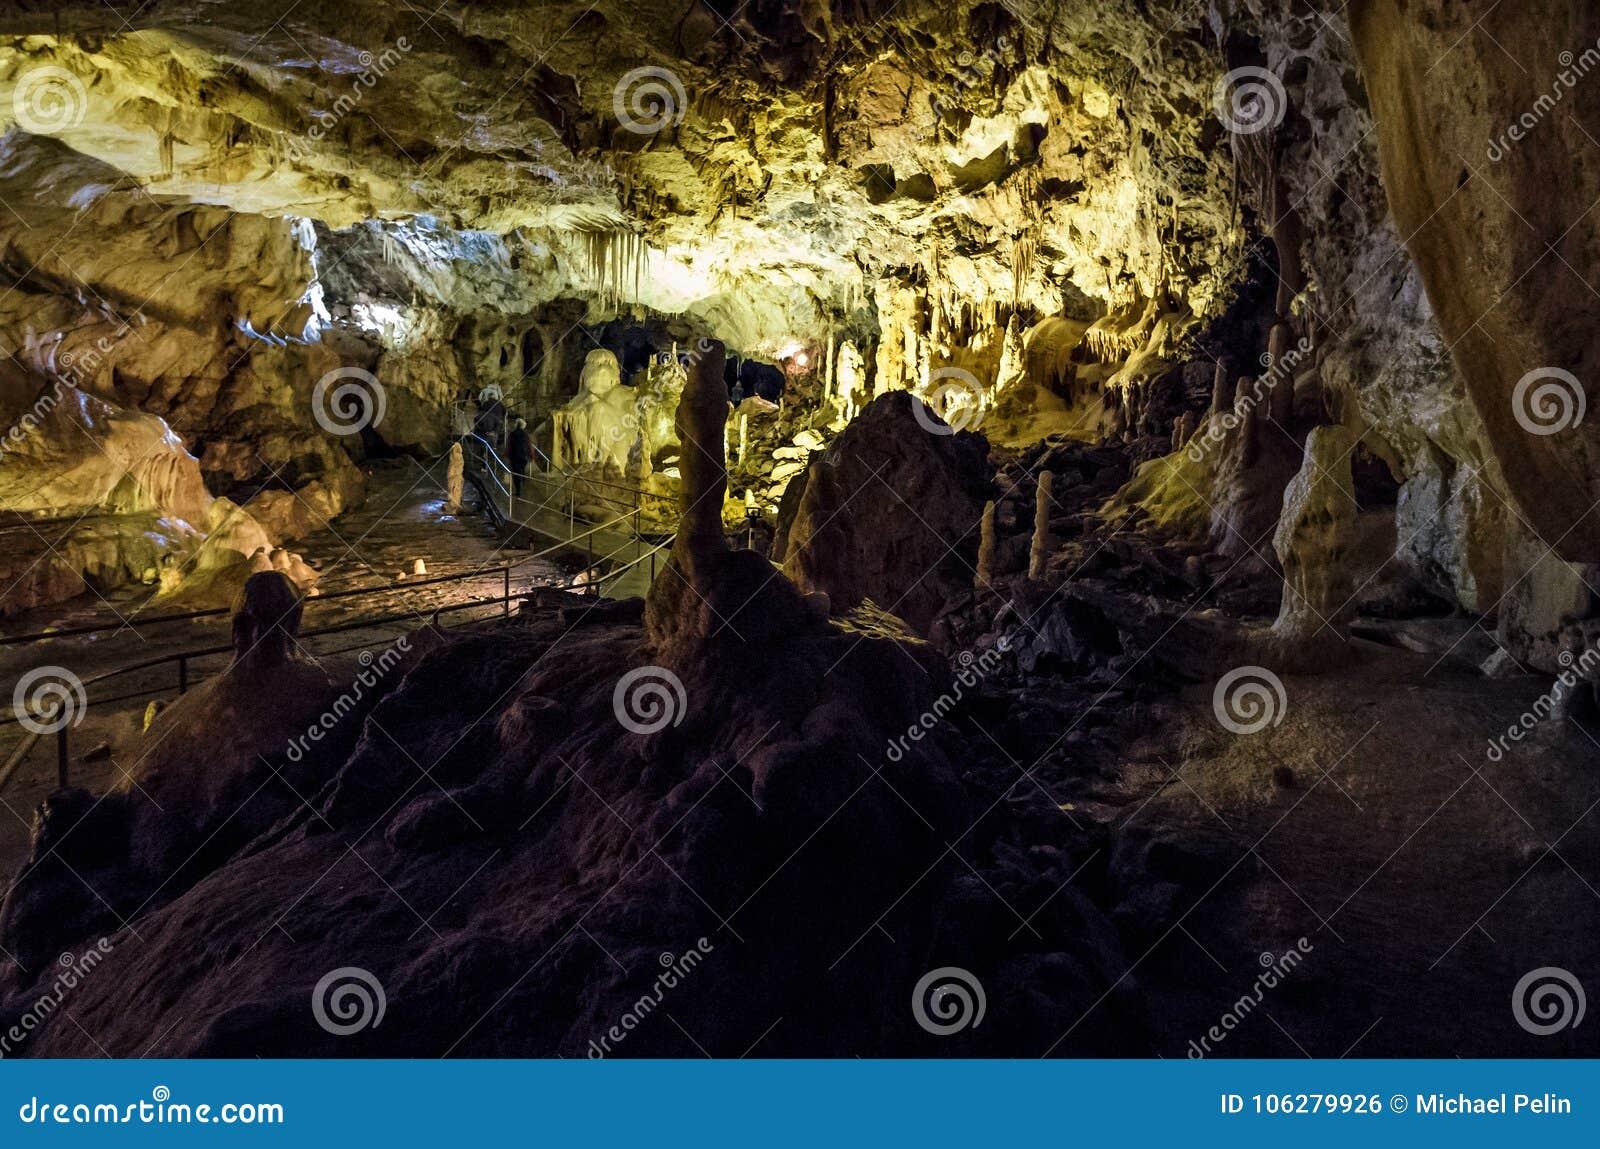 Ursus spelaeus cave in romanian mountains transilvania